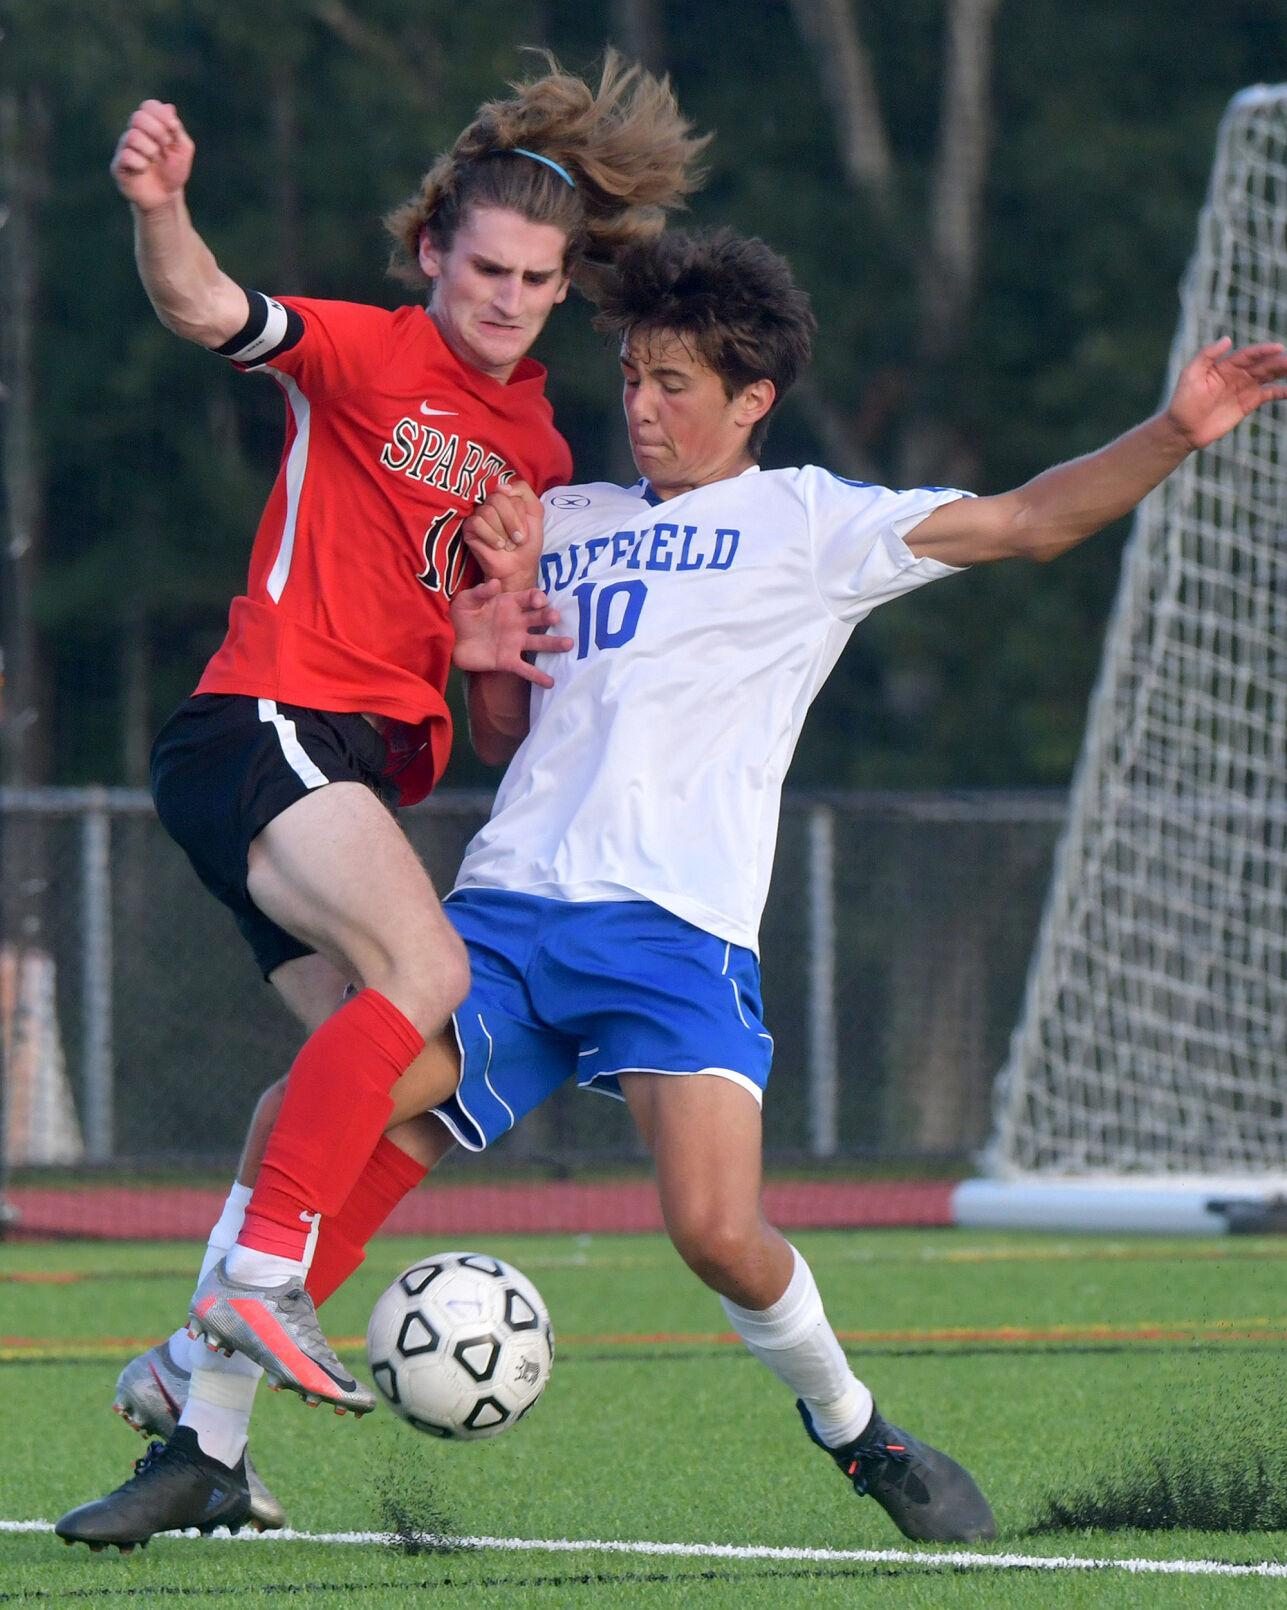 092121 SO SU Boys Soccer 02.jpg